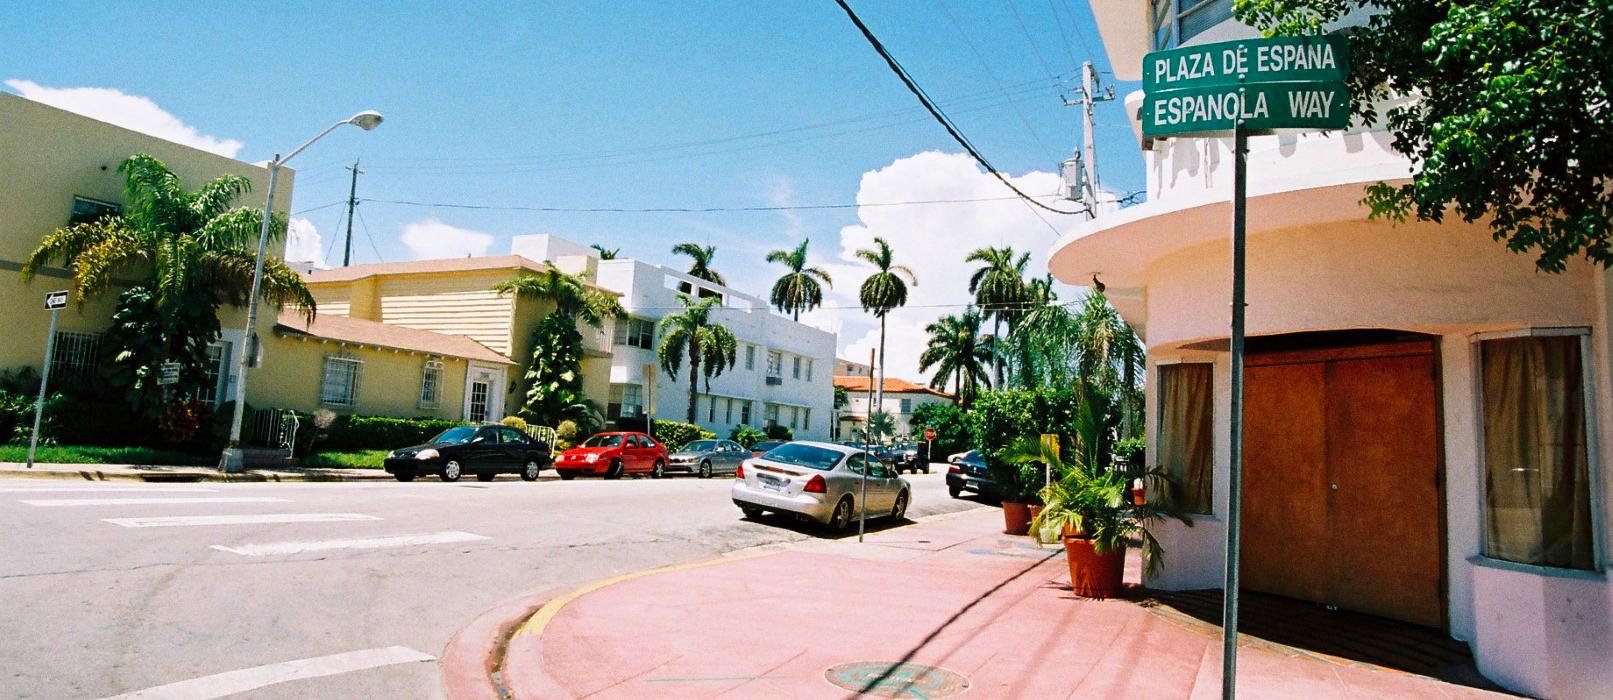 Qué hacer y ver en Miami, Florida Qué hacer y ver en Miami Qué hacer y ver en Miami 31266256791 4909a412e5 o